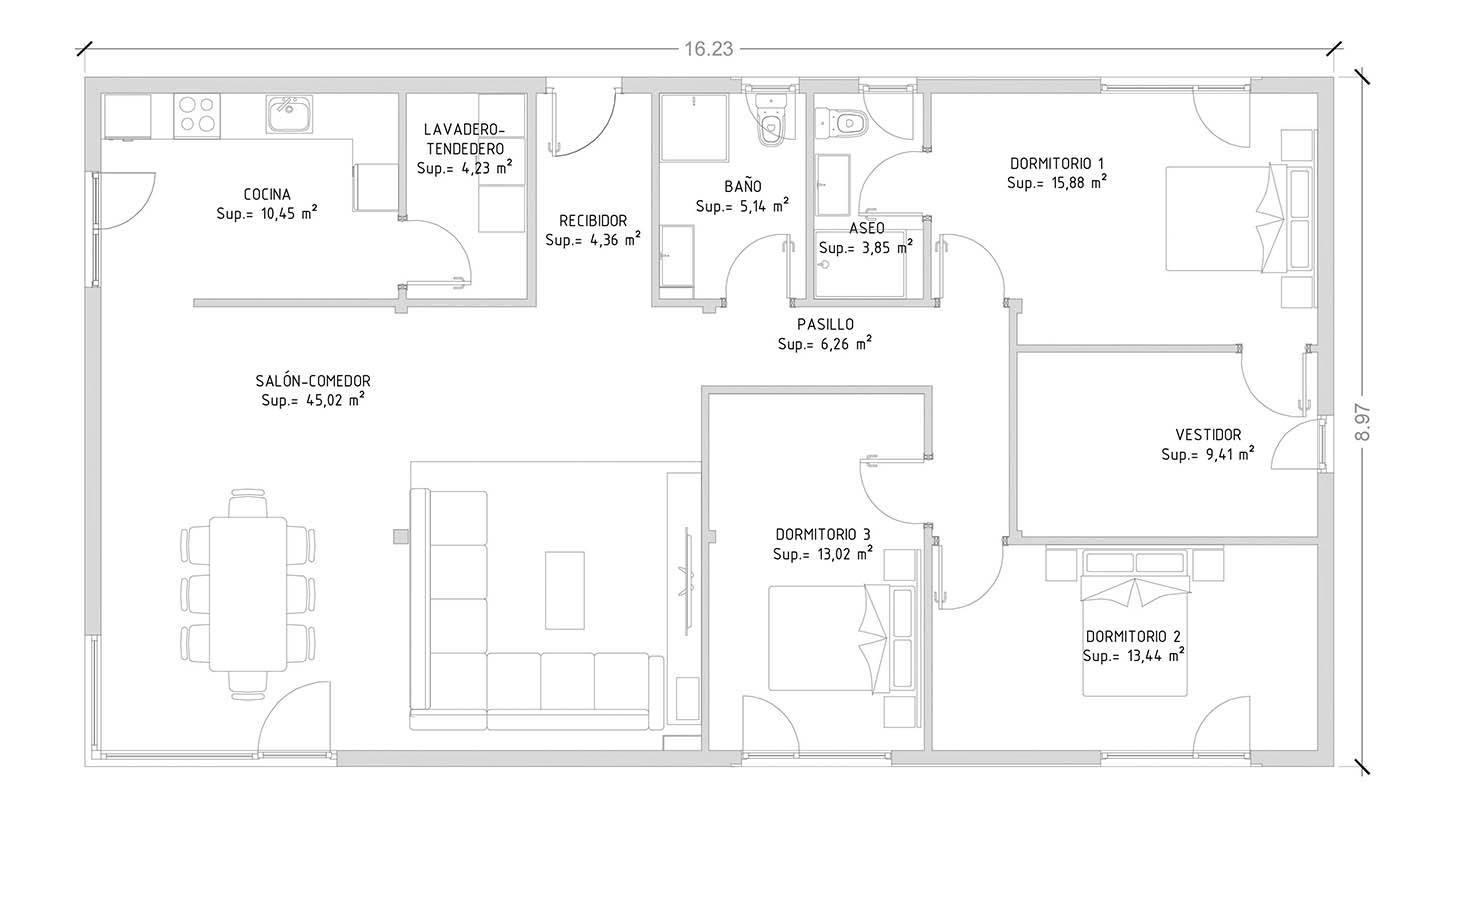 Cube 150 m2 - 3 dormitorios